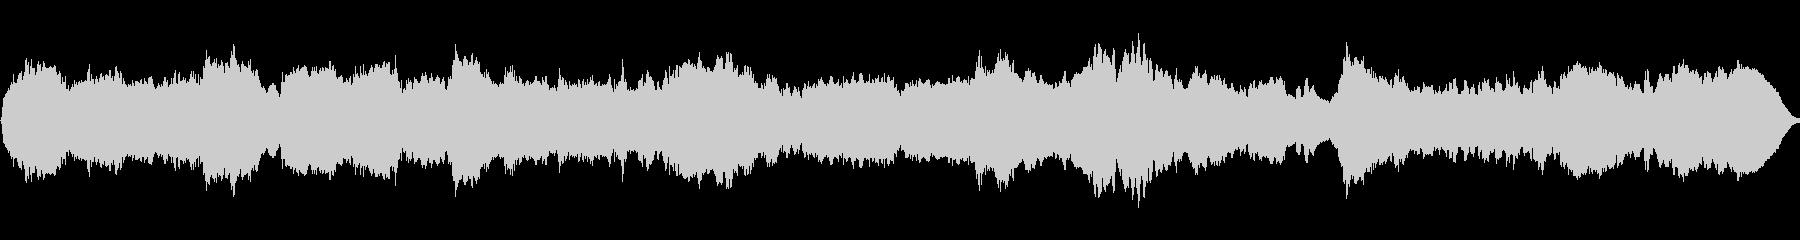 バロック調木管三重奏オリジナル曲です。の未再生の波形